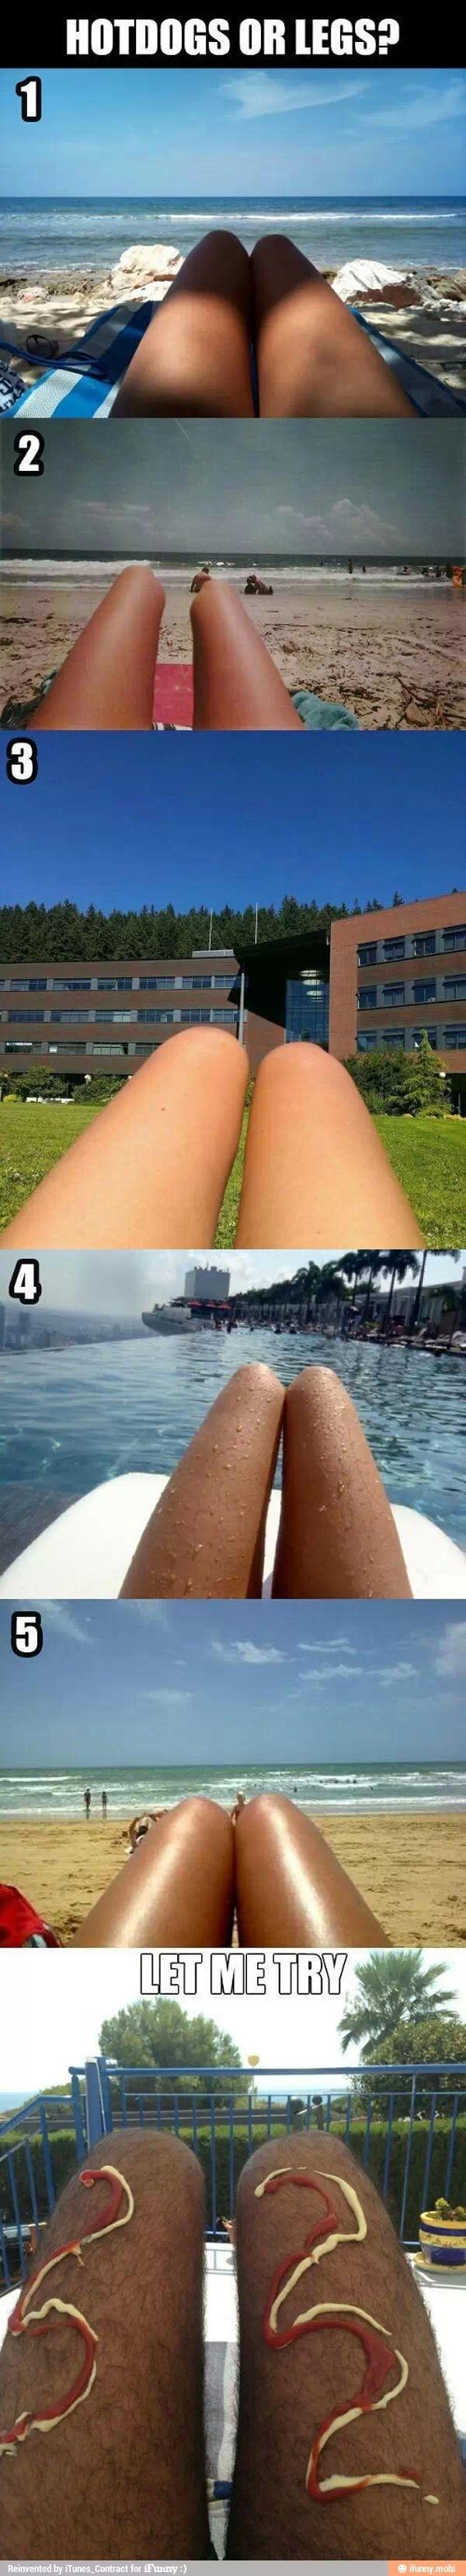 Legs or hotdogs?!?!